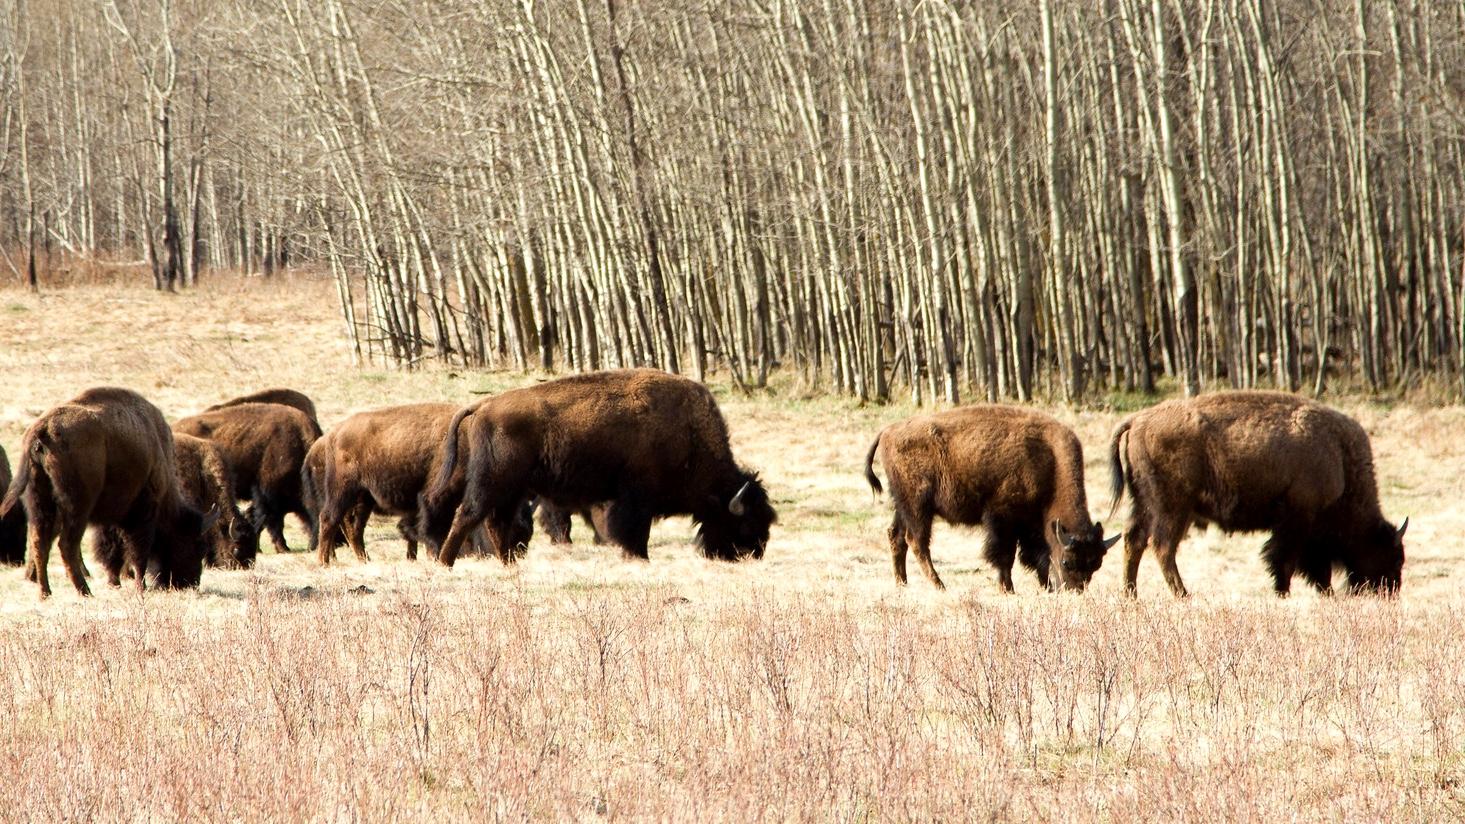 Bison at Grasslands National Park. (Willem Van Valkenburg / Flickr)